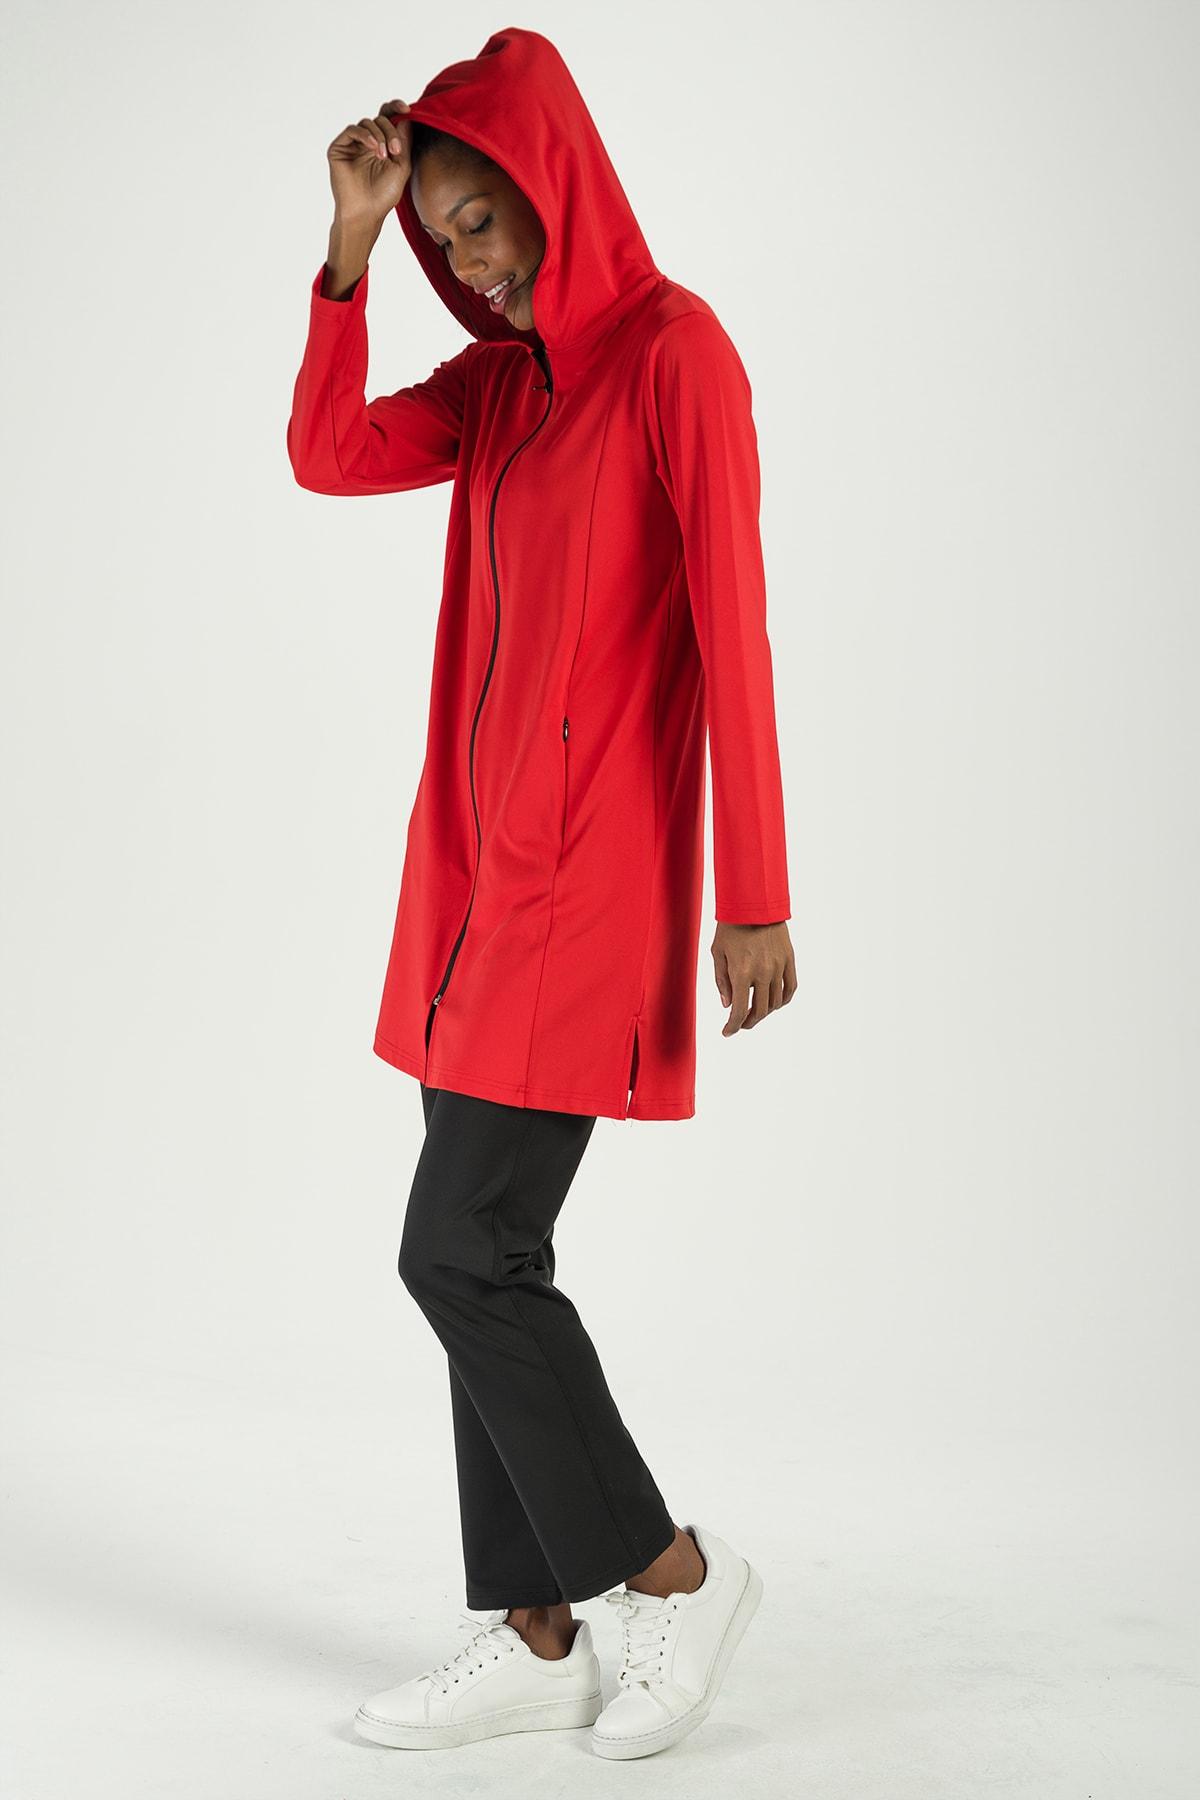 Runever Kadın Kırmızı Eşofman Takımı 2